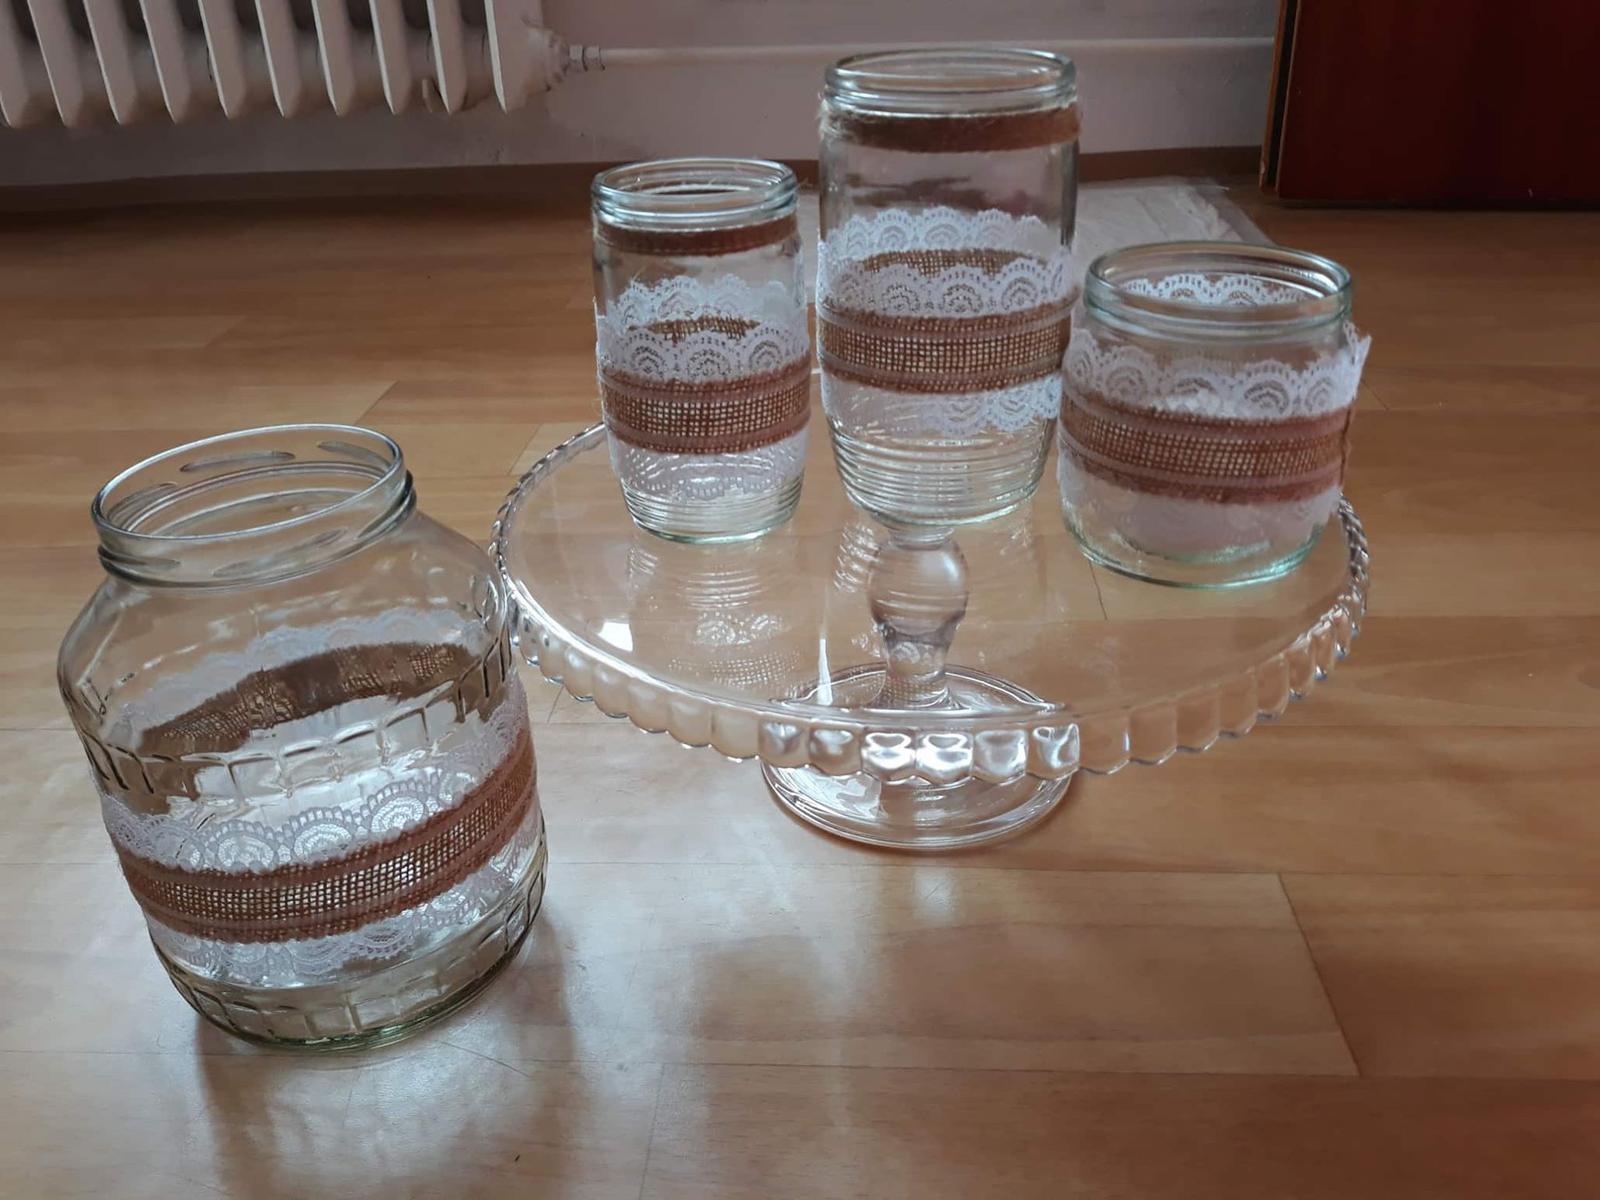 Zdobné sklenice na svíčky a kytky - Obrázek č. 1